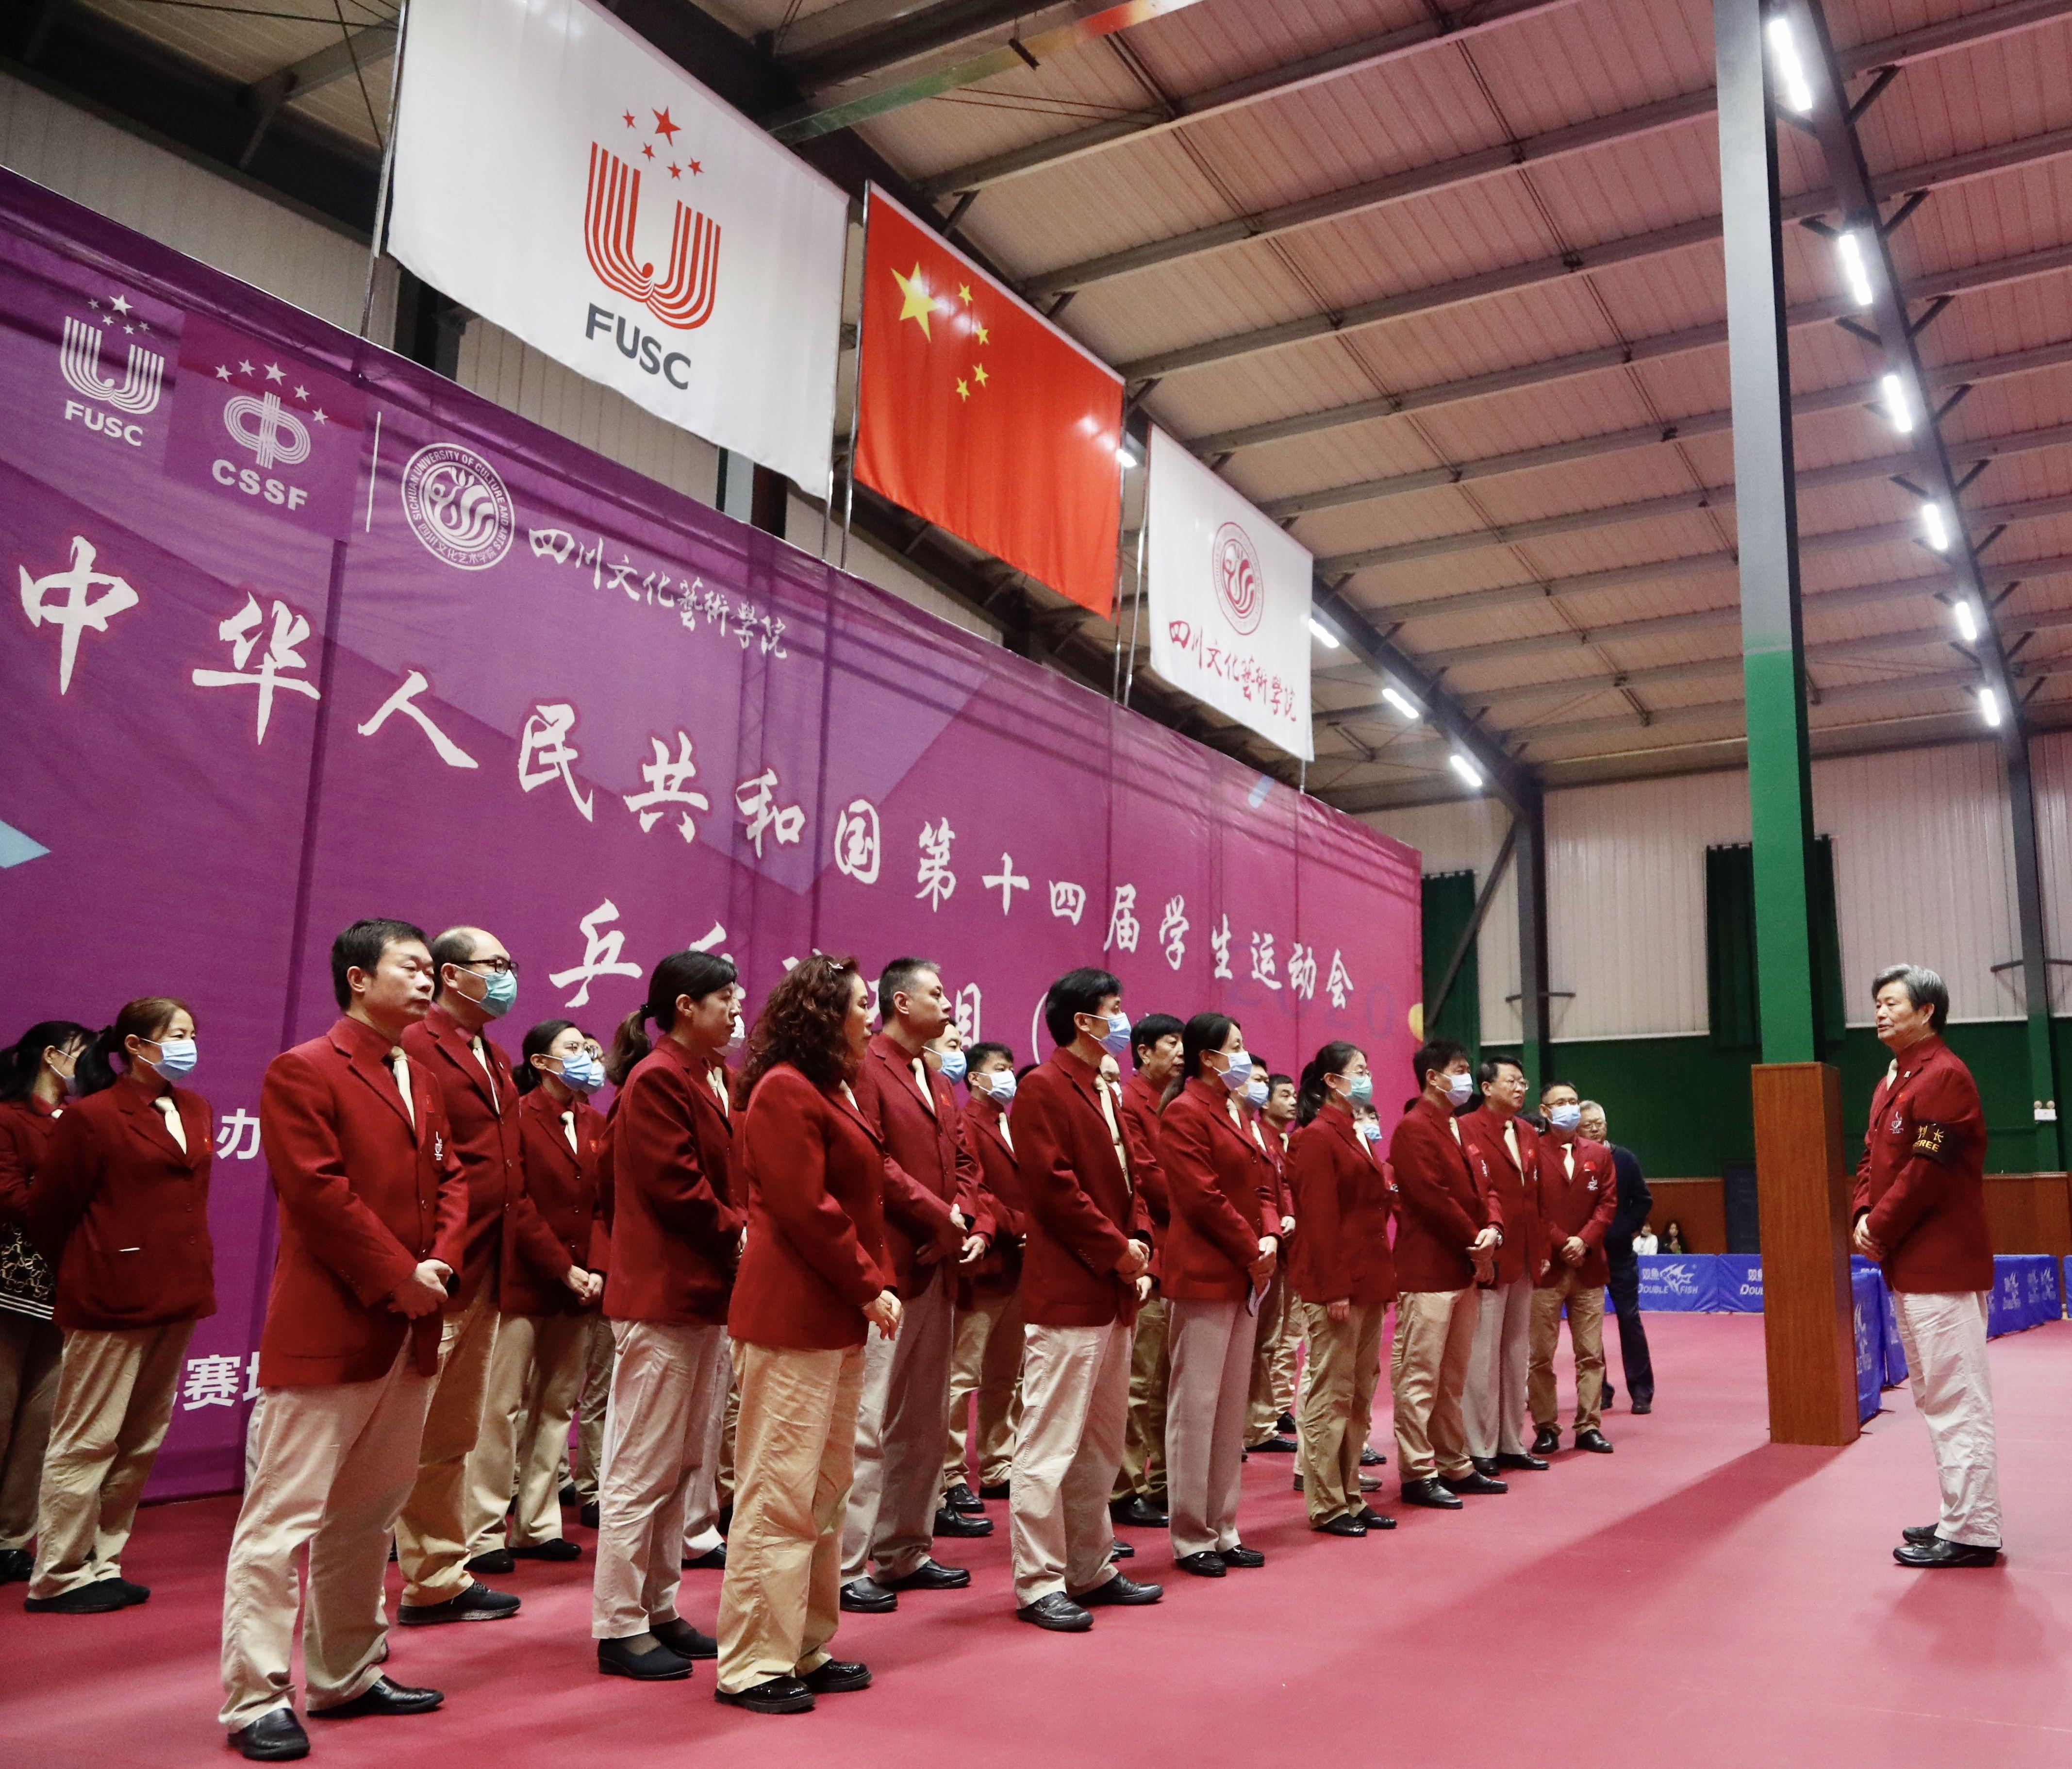 谁拿到了决赛门票,一起去瞧瞧——中华人民共和国第十四届学生运动会乒乓球项目(大学组)预赛顺利收官